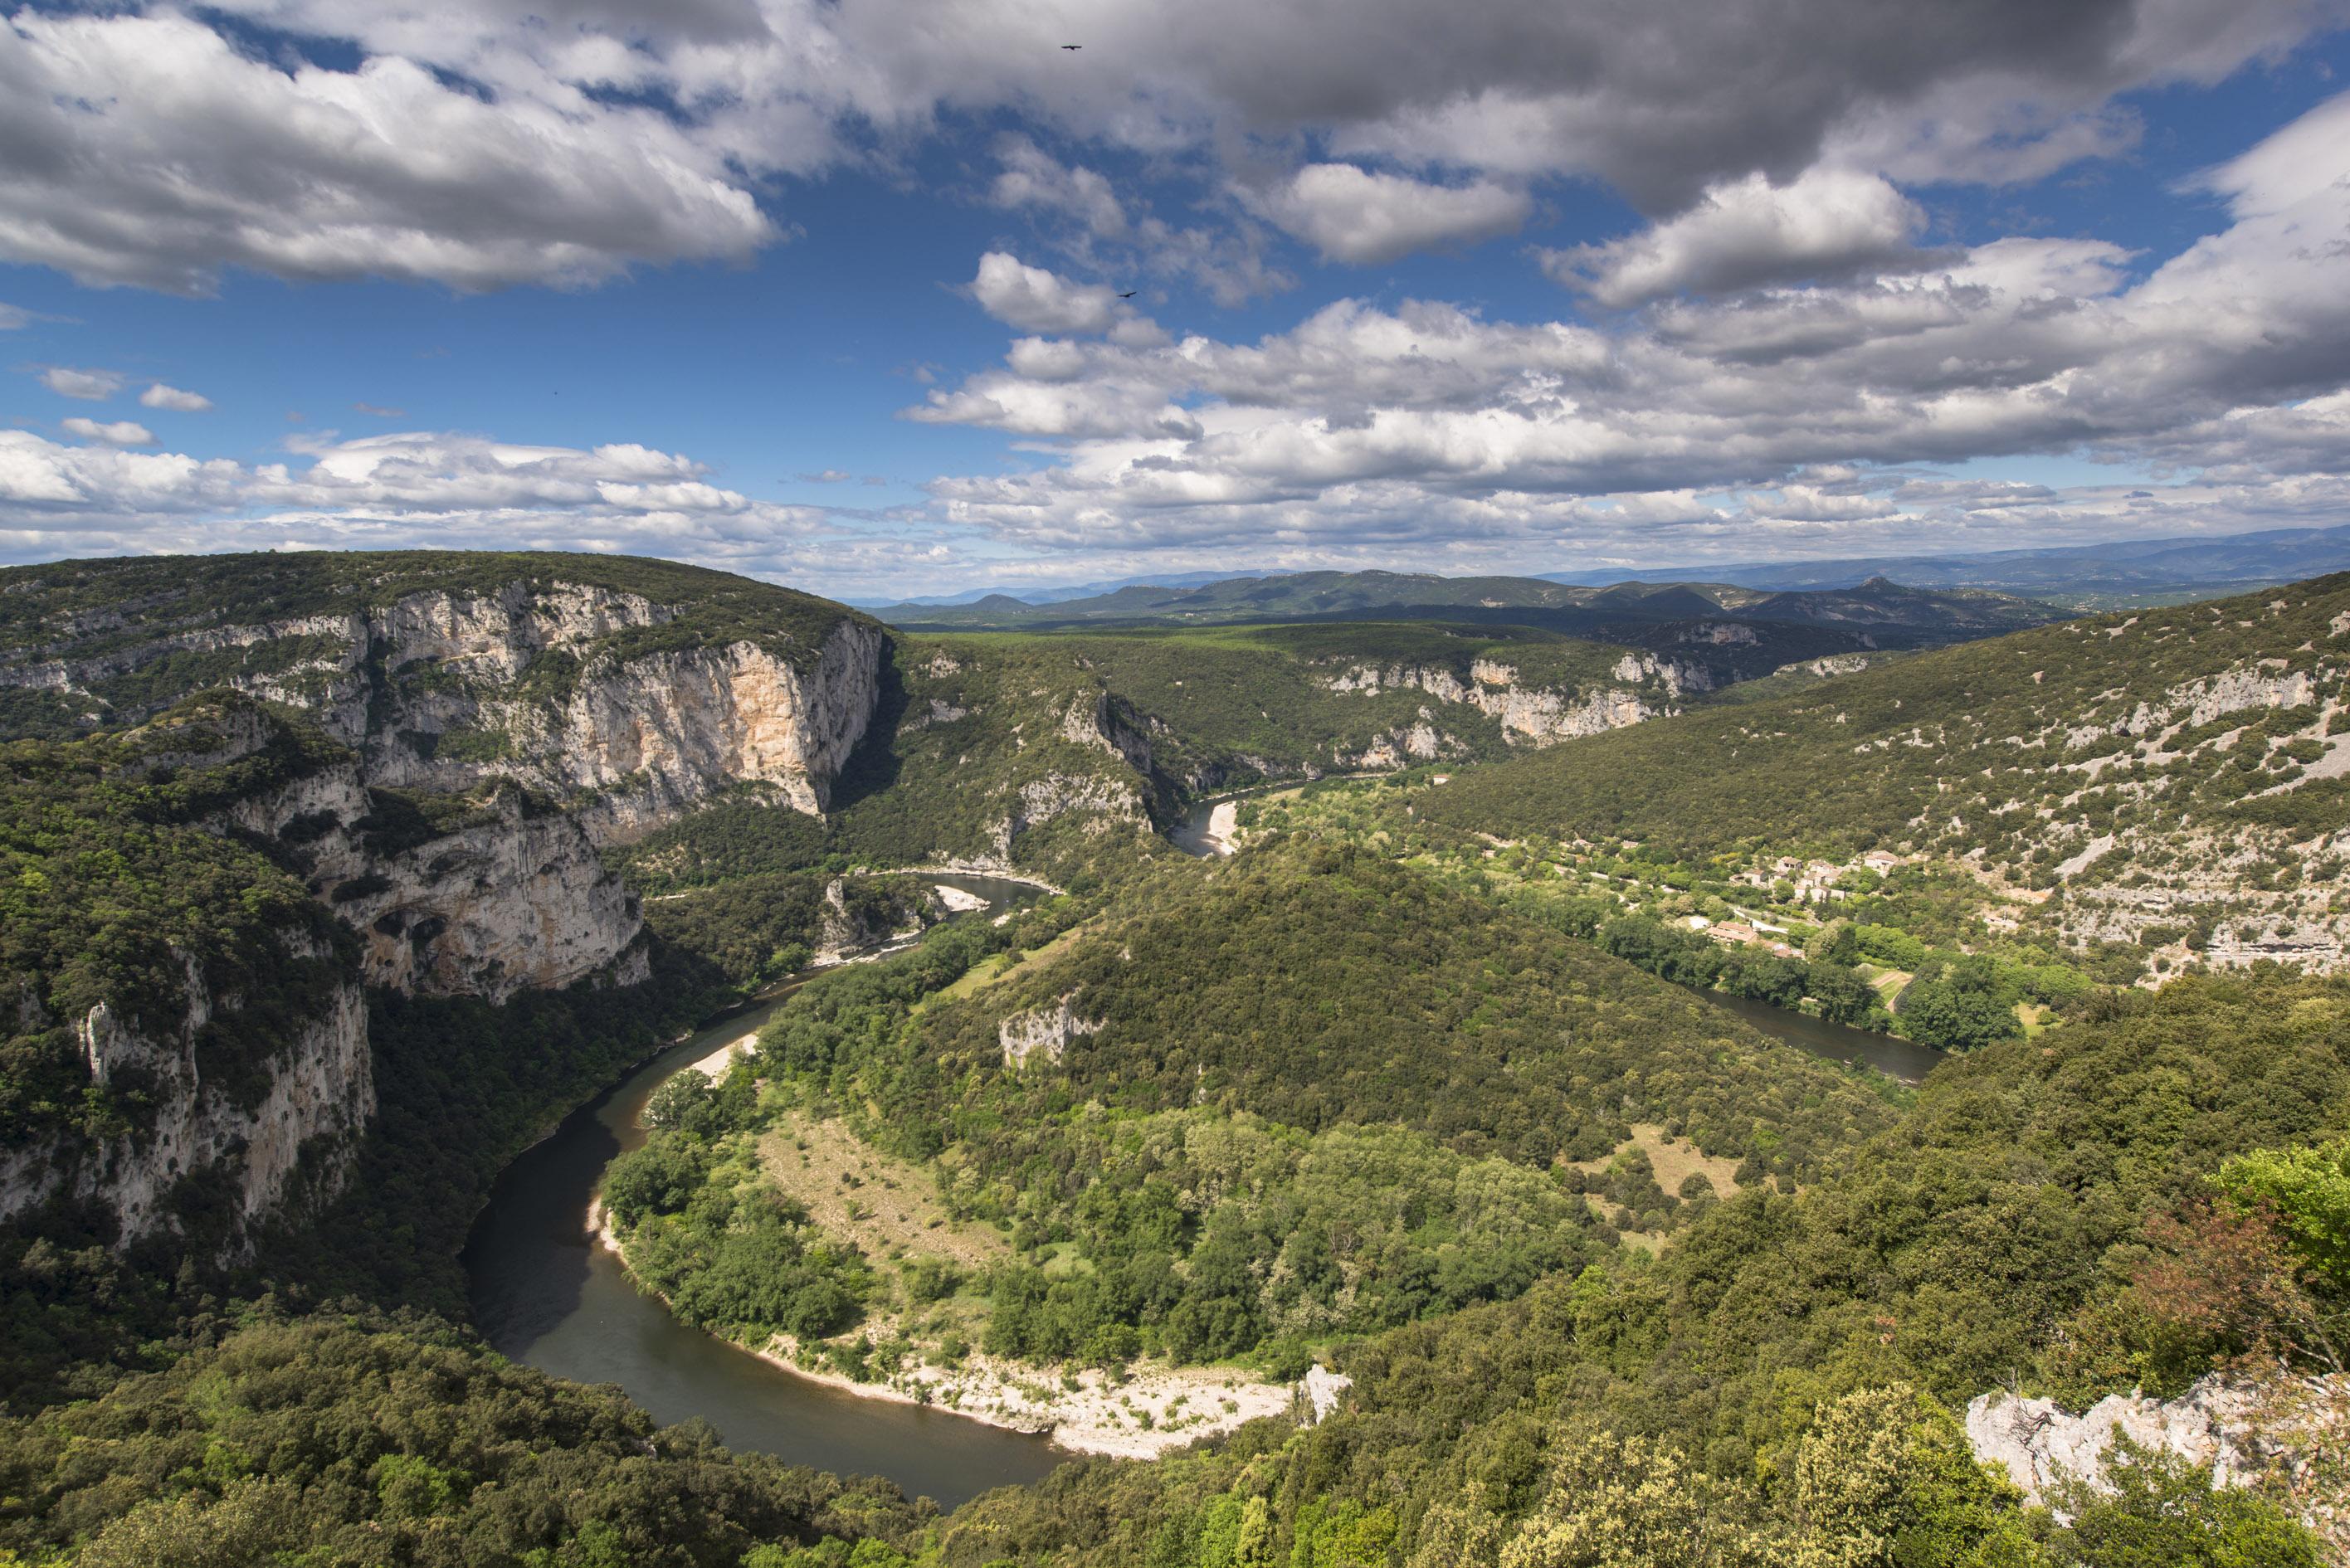 1-les-gorges-de-l-ardeche-classees-reserve-naturelle-nationale-depuis-1980-christian-boucher-9709